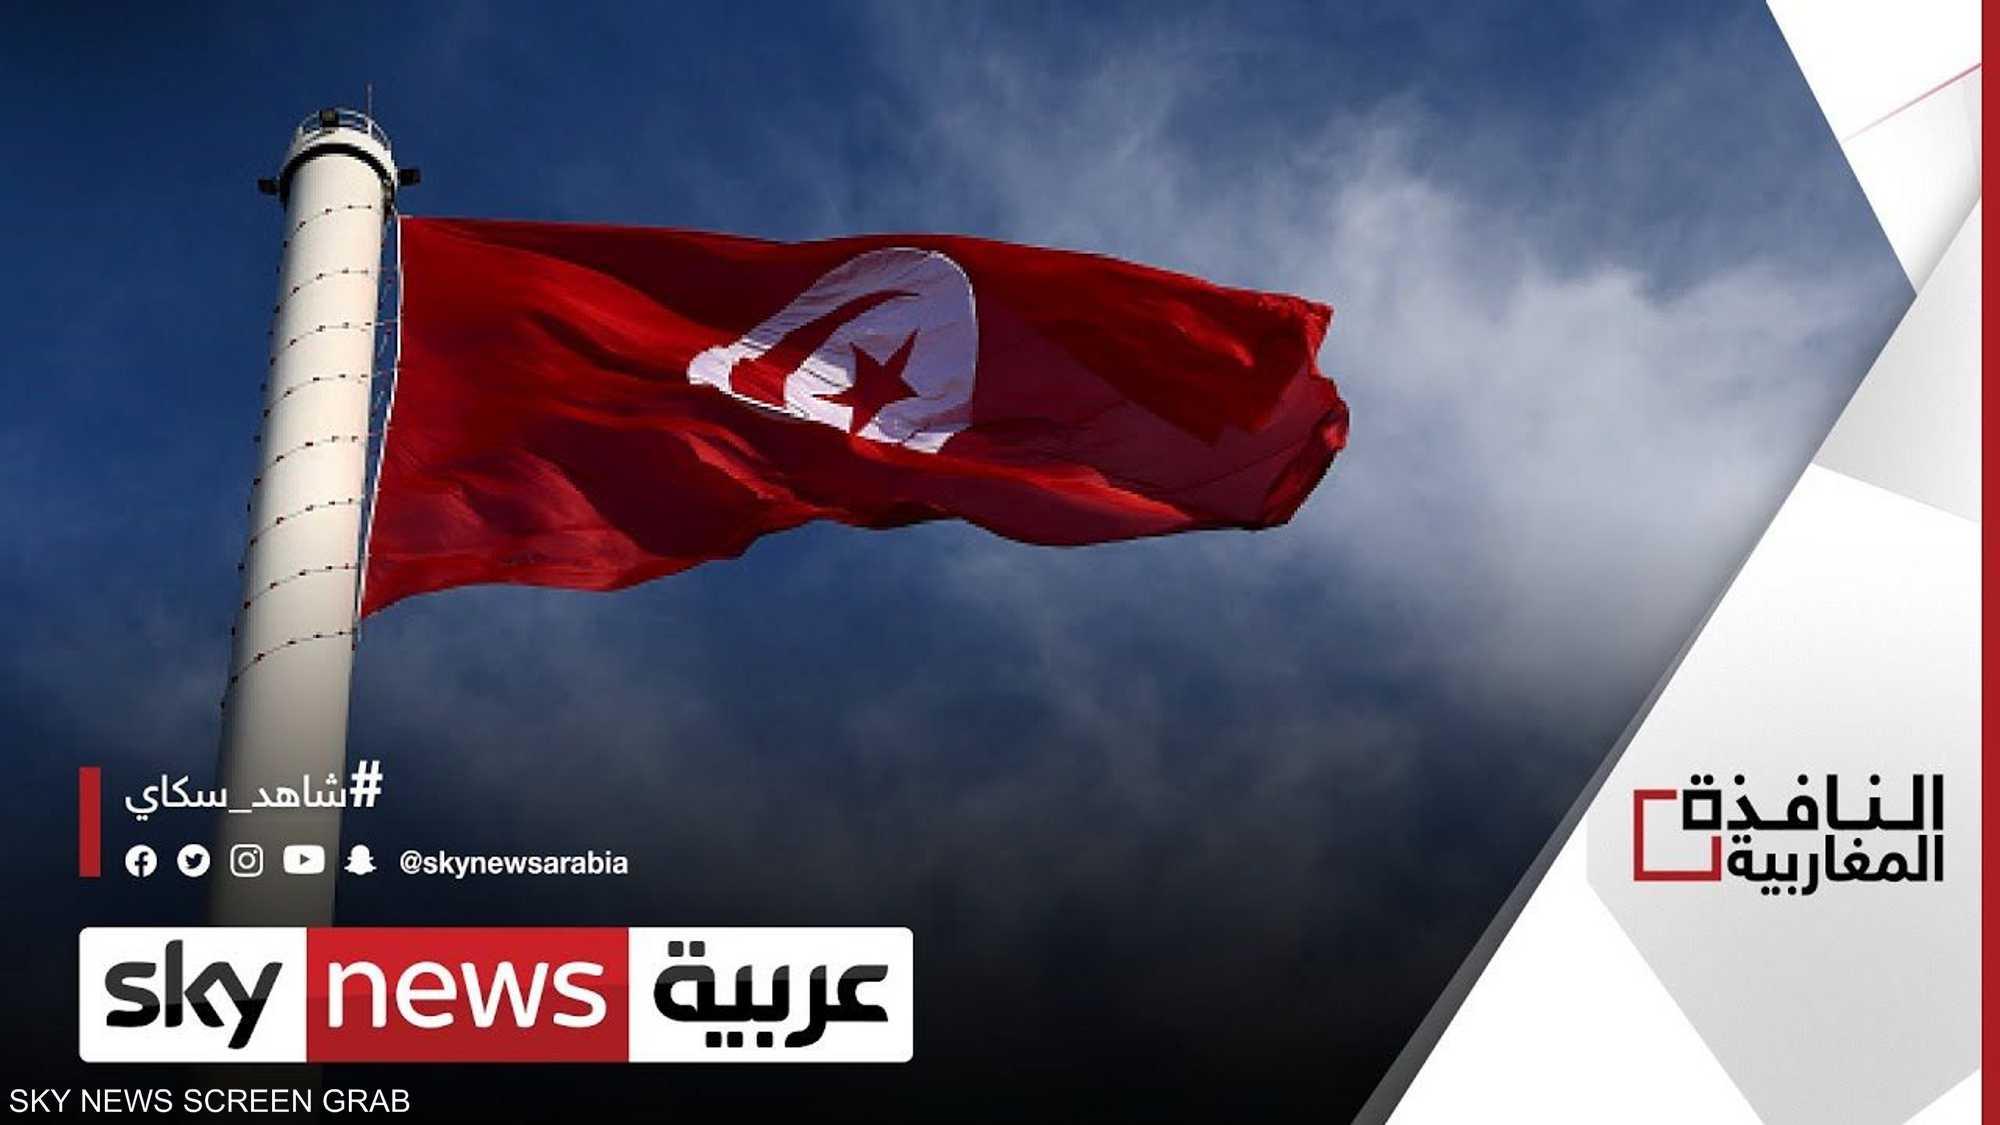 تونس.. الدستوري الحر يطلب اعتبار الإخوان تنظيما إرهابيا